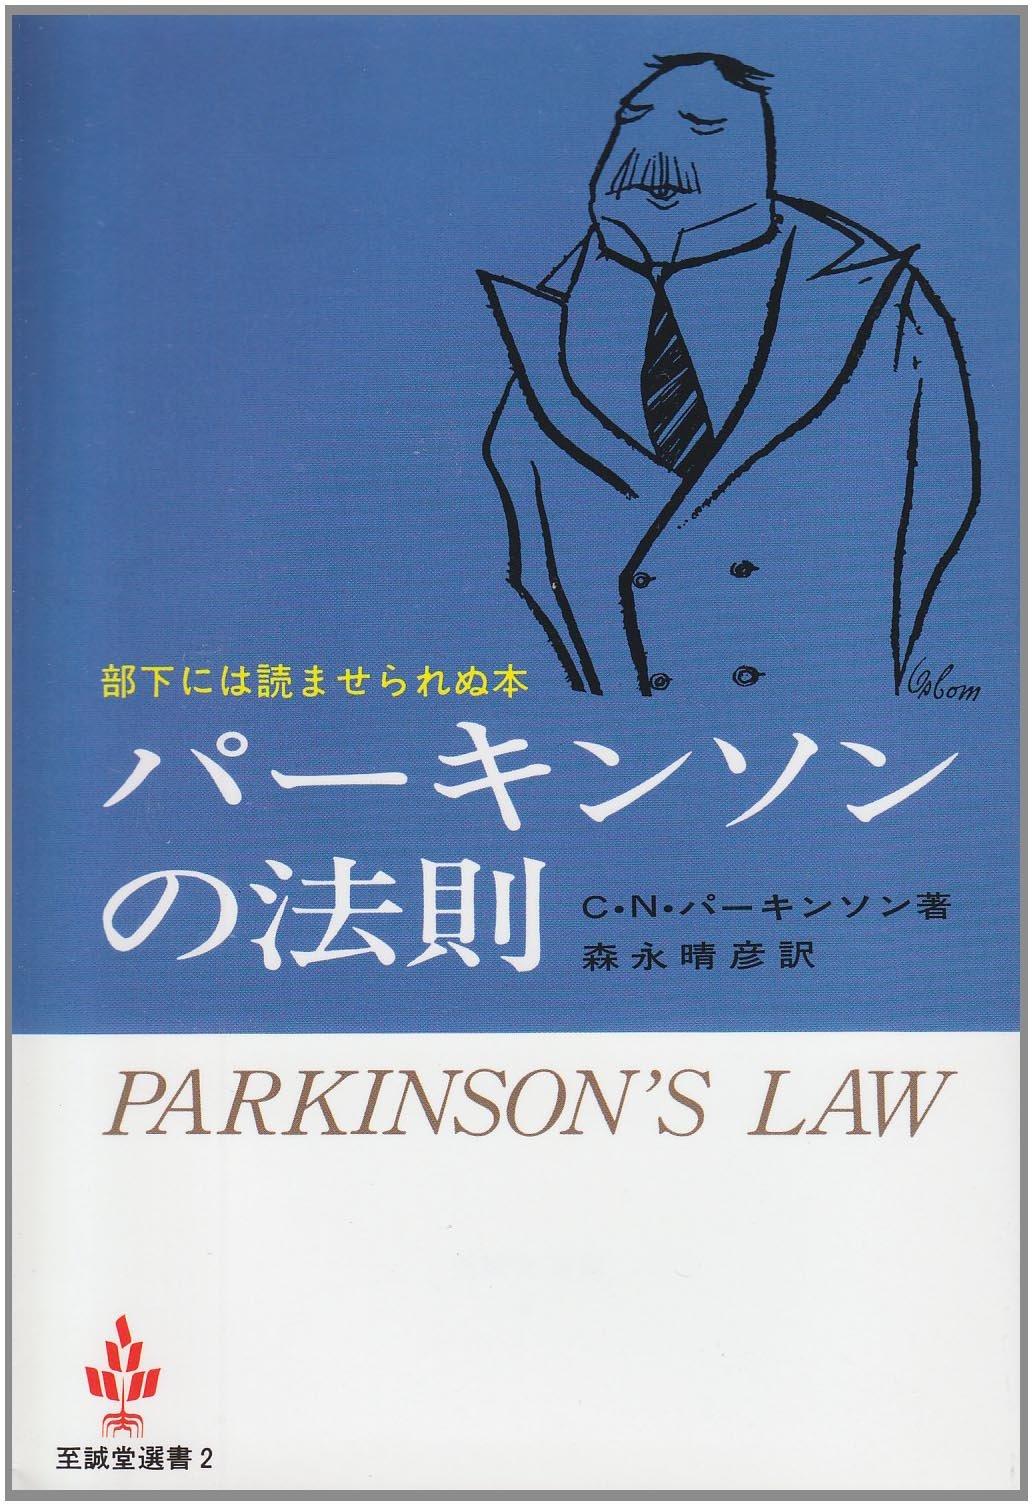 パーキンソン の 法則 パーキンソンの法則とは?仕事の現場で役立つ対策と4つの事例